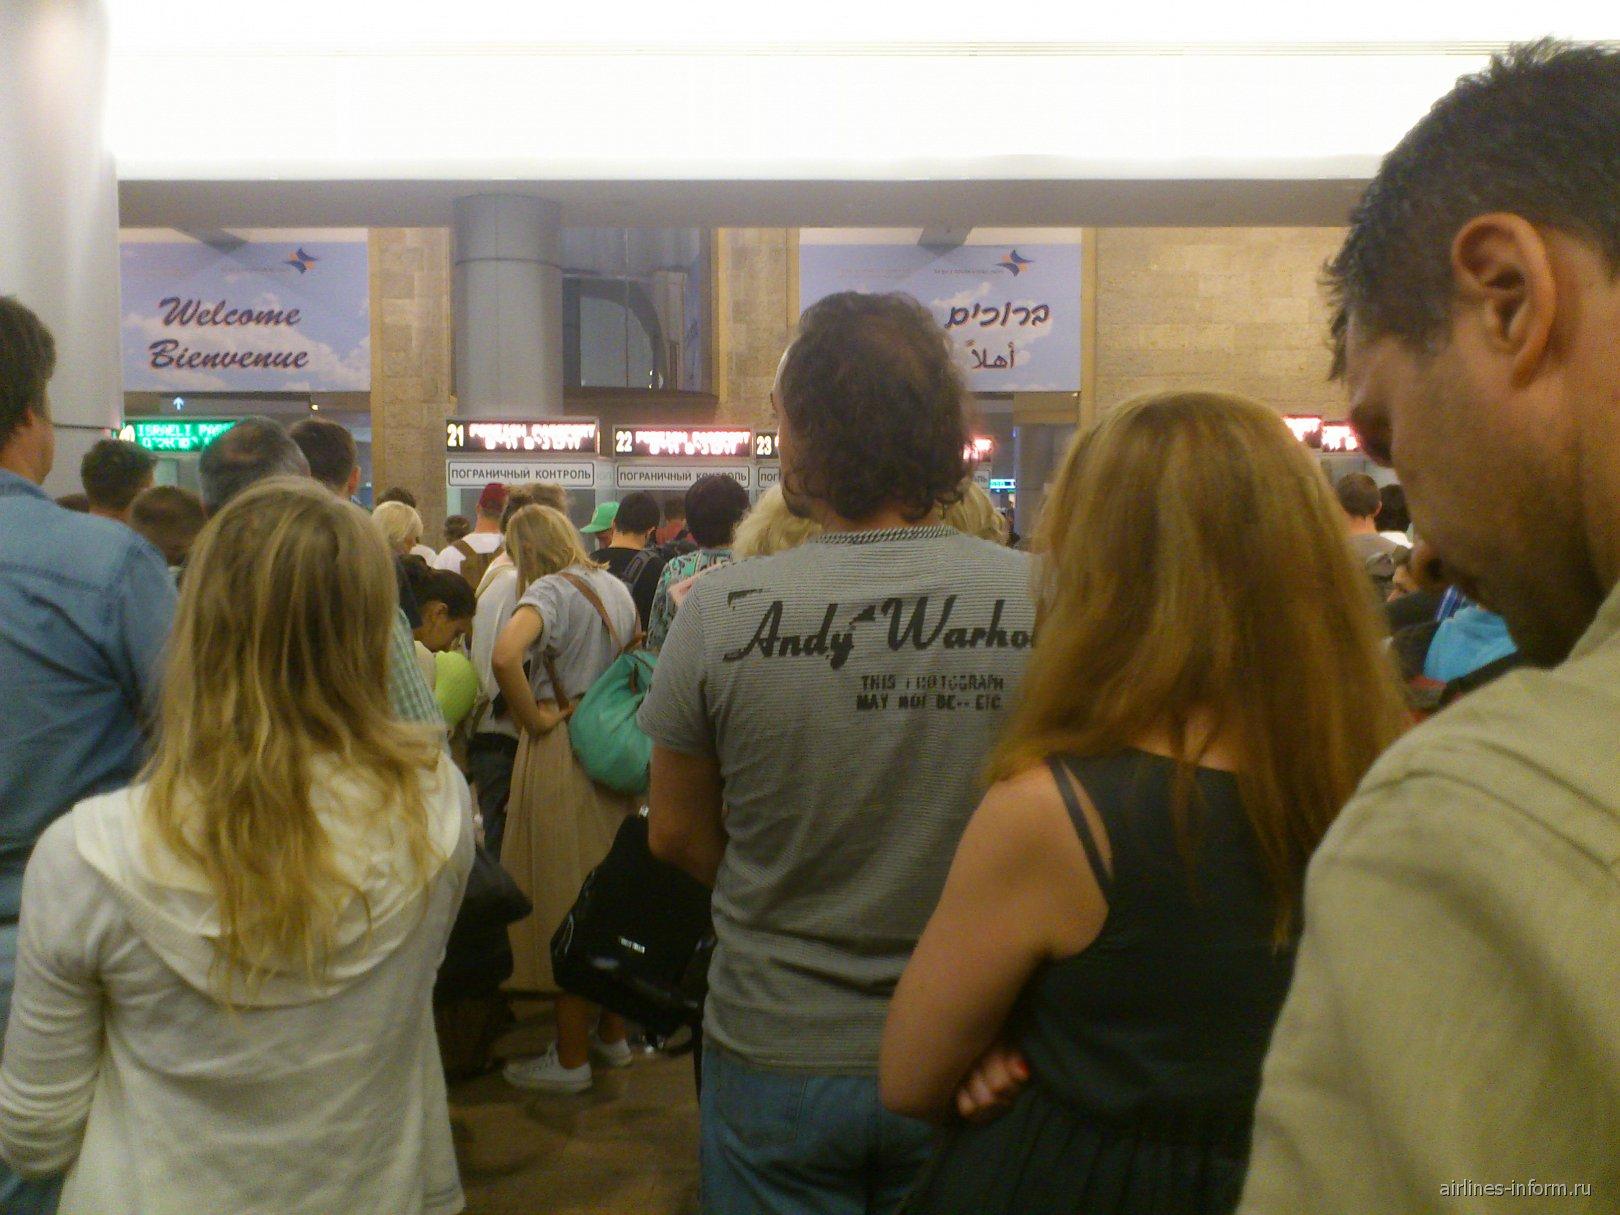 В аэропорту Бен-Гуреон Тель-Авив